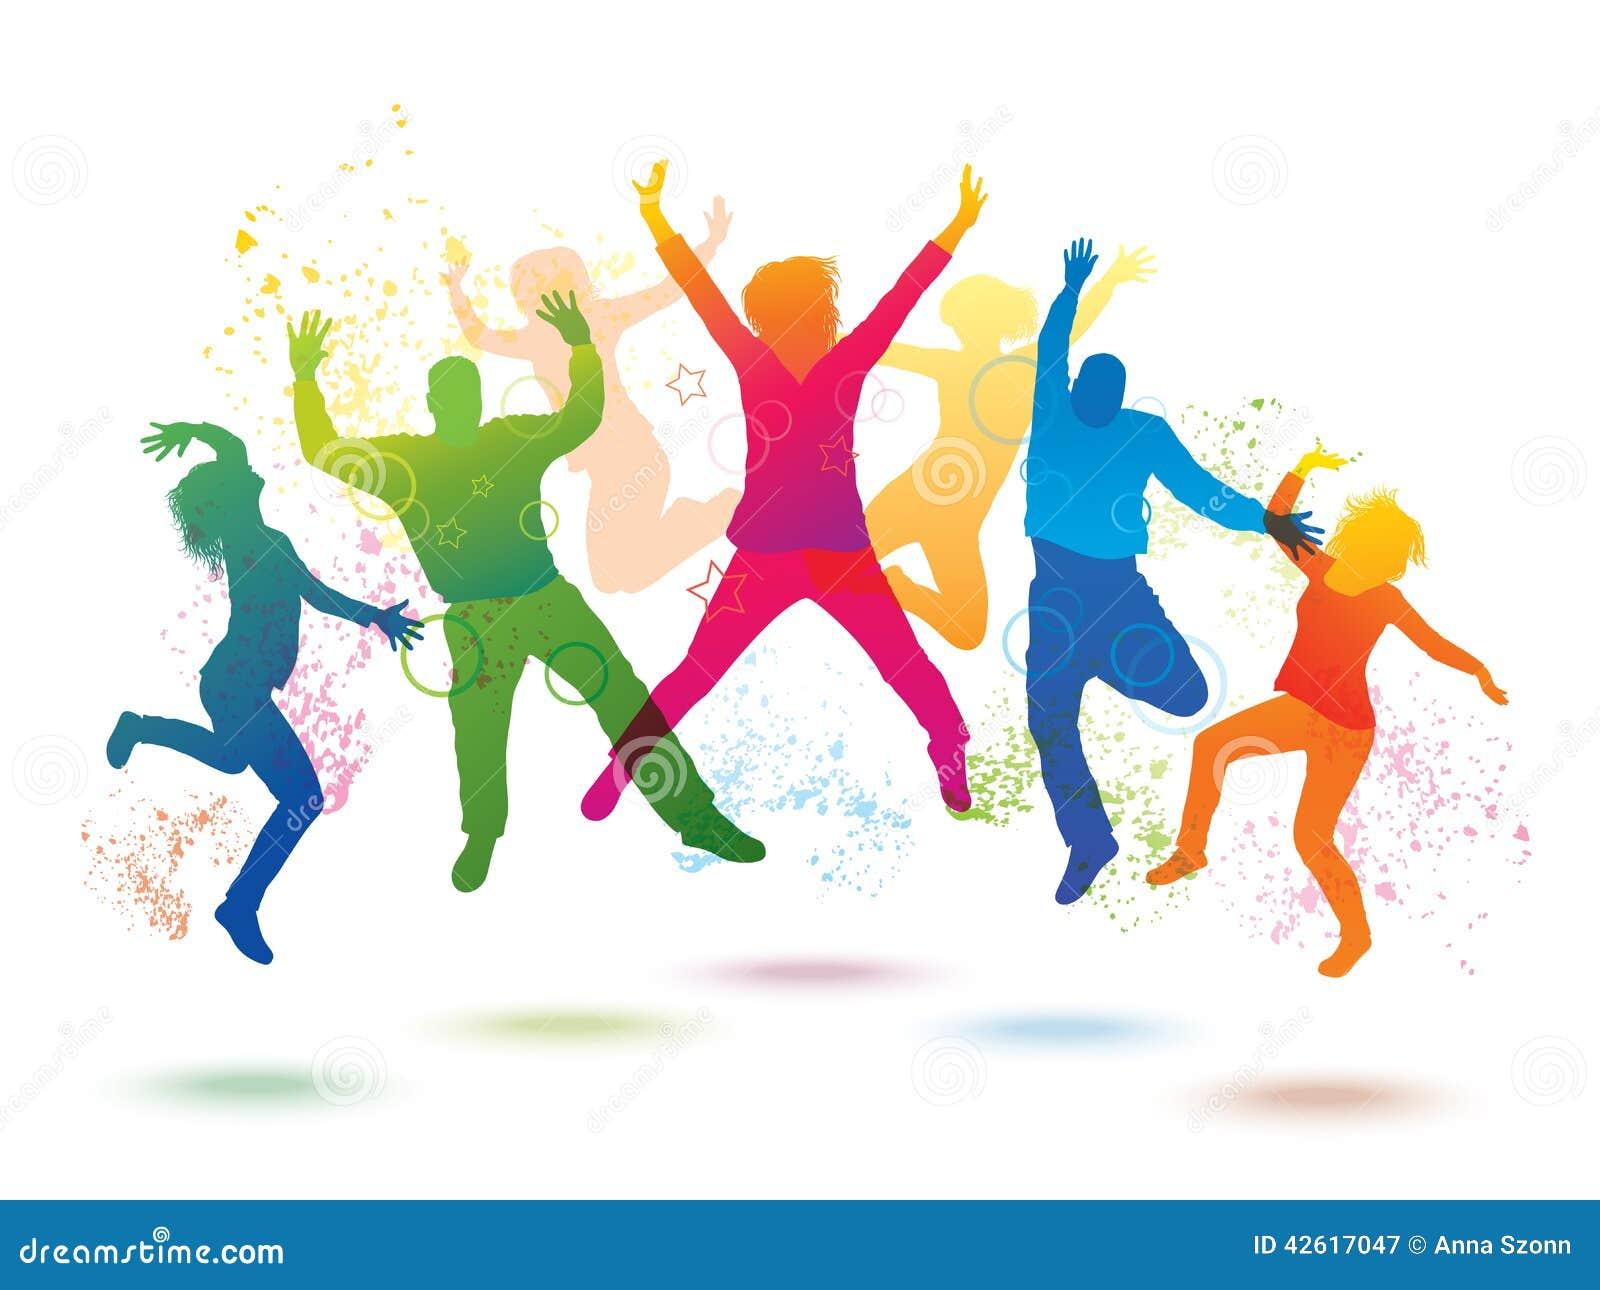 Paint Mural On Wall Fond Color 233 Avec Des Personnes De Danse Illustration Stock